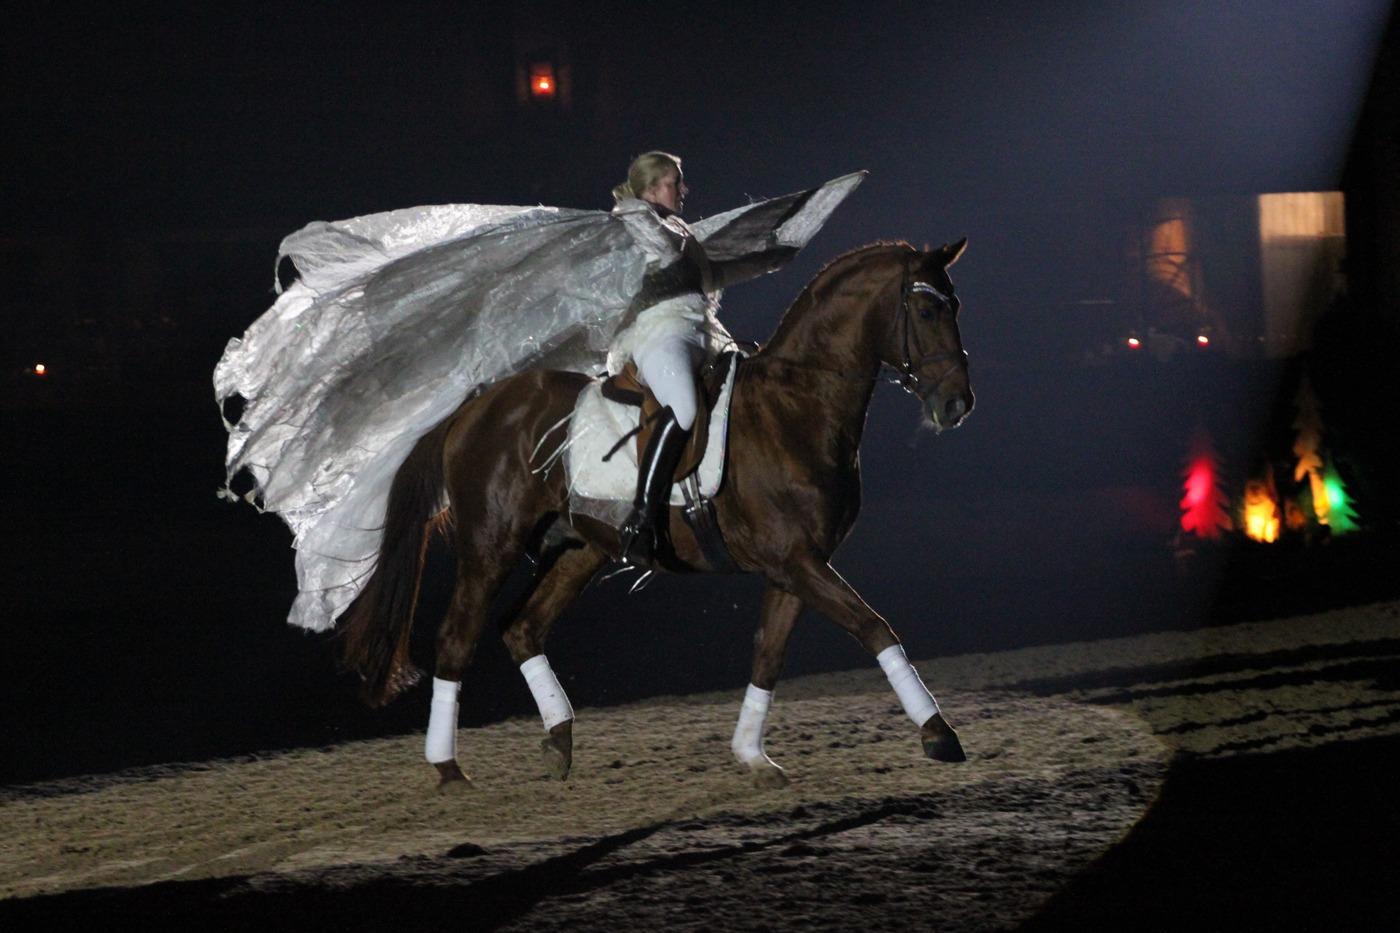 Gala-Abend des Pferdes